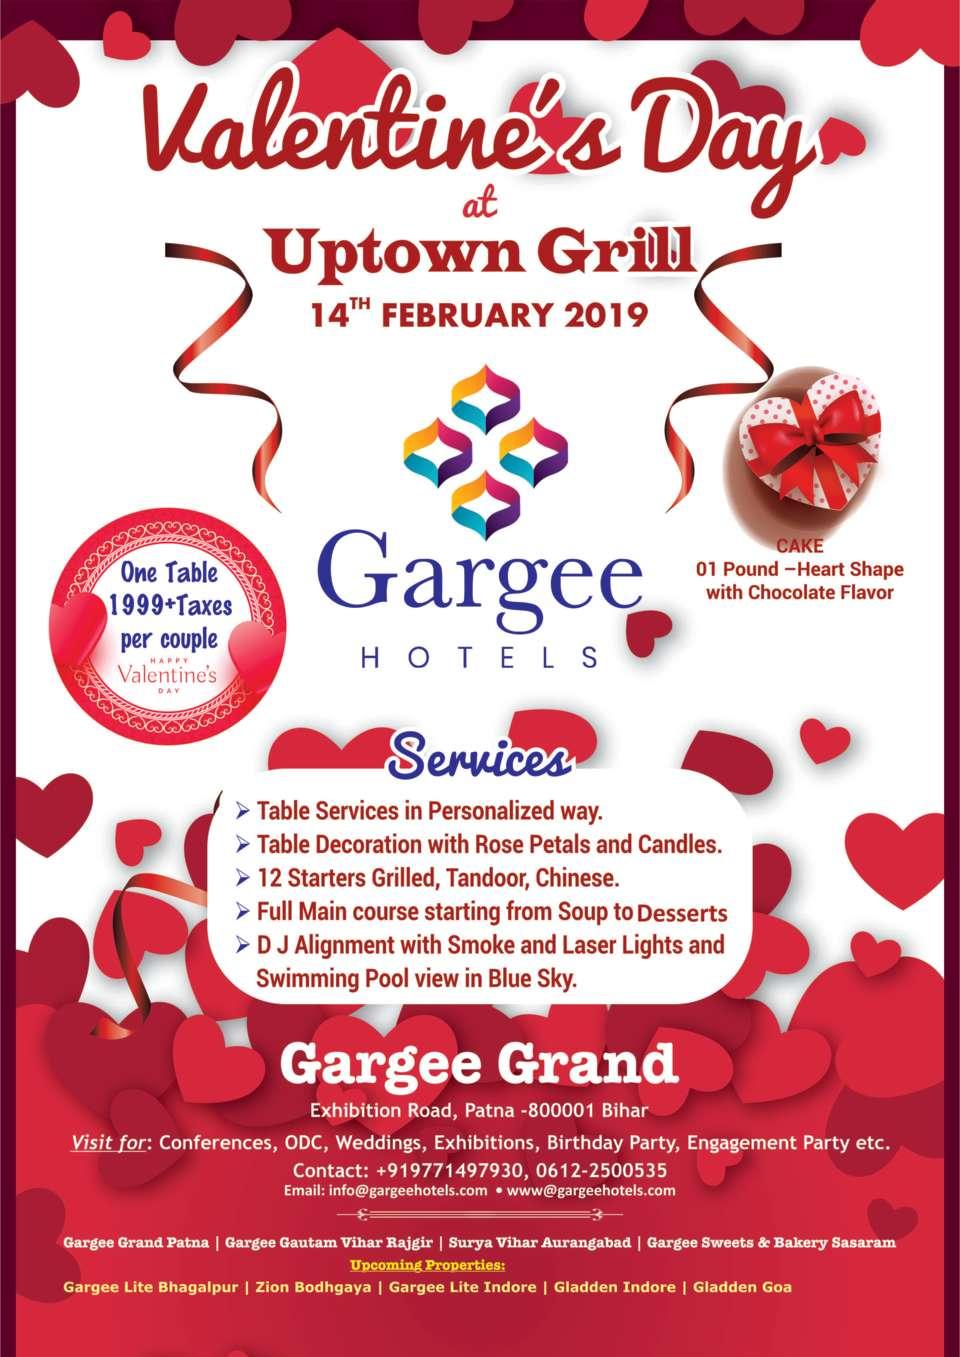 Gargi Valentine Day Flyer